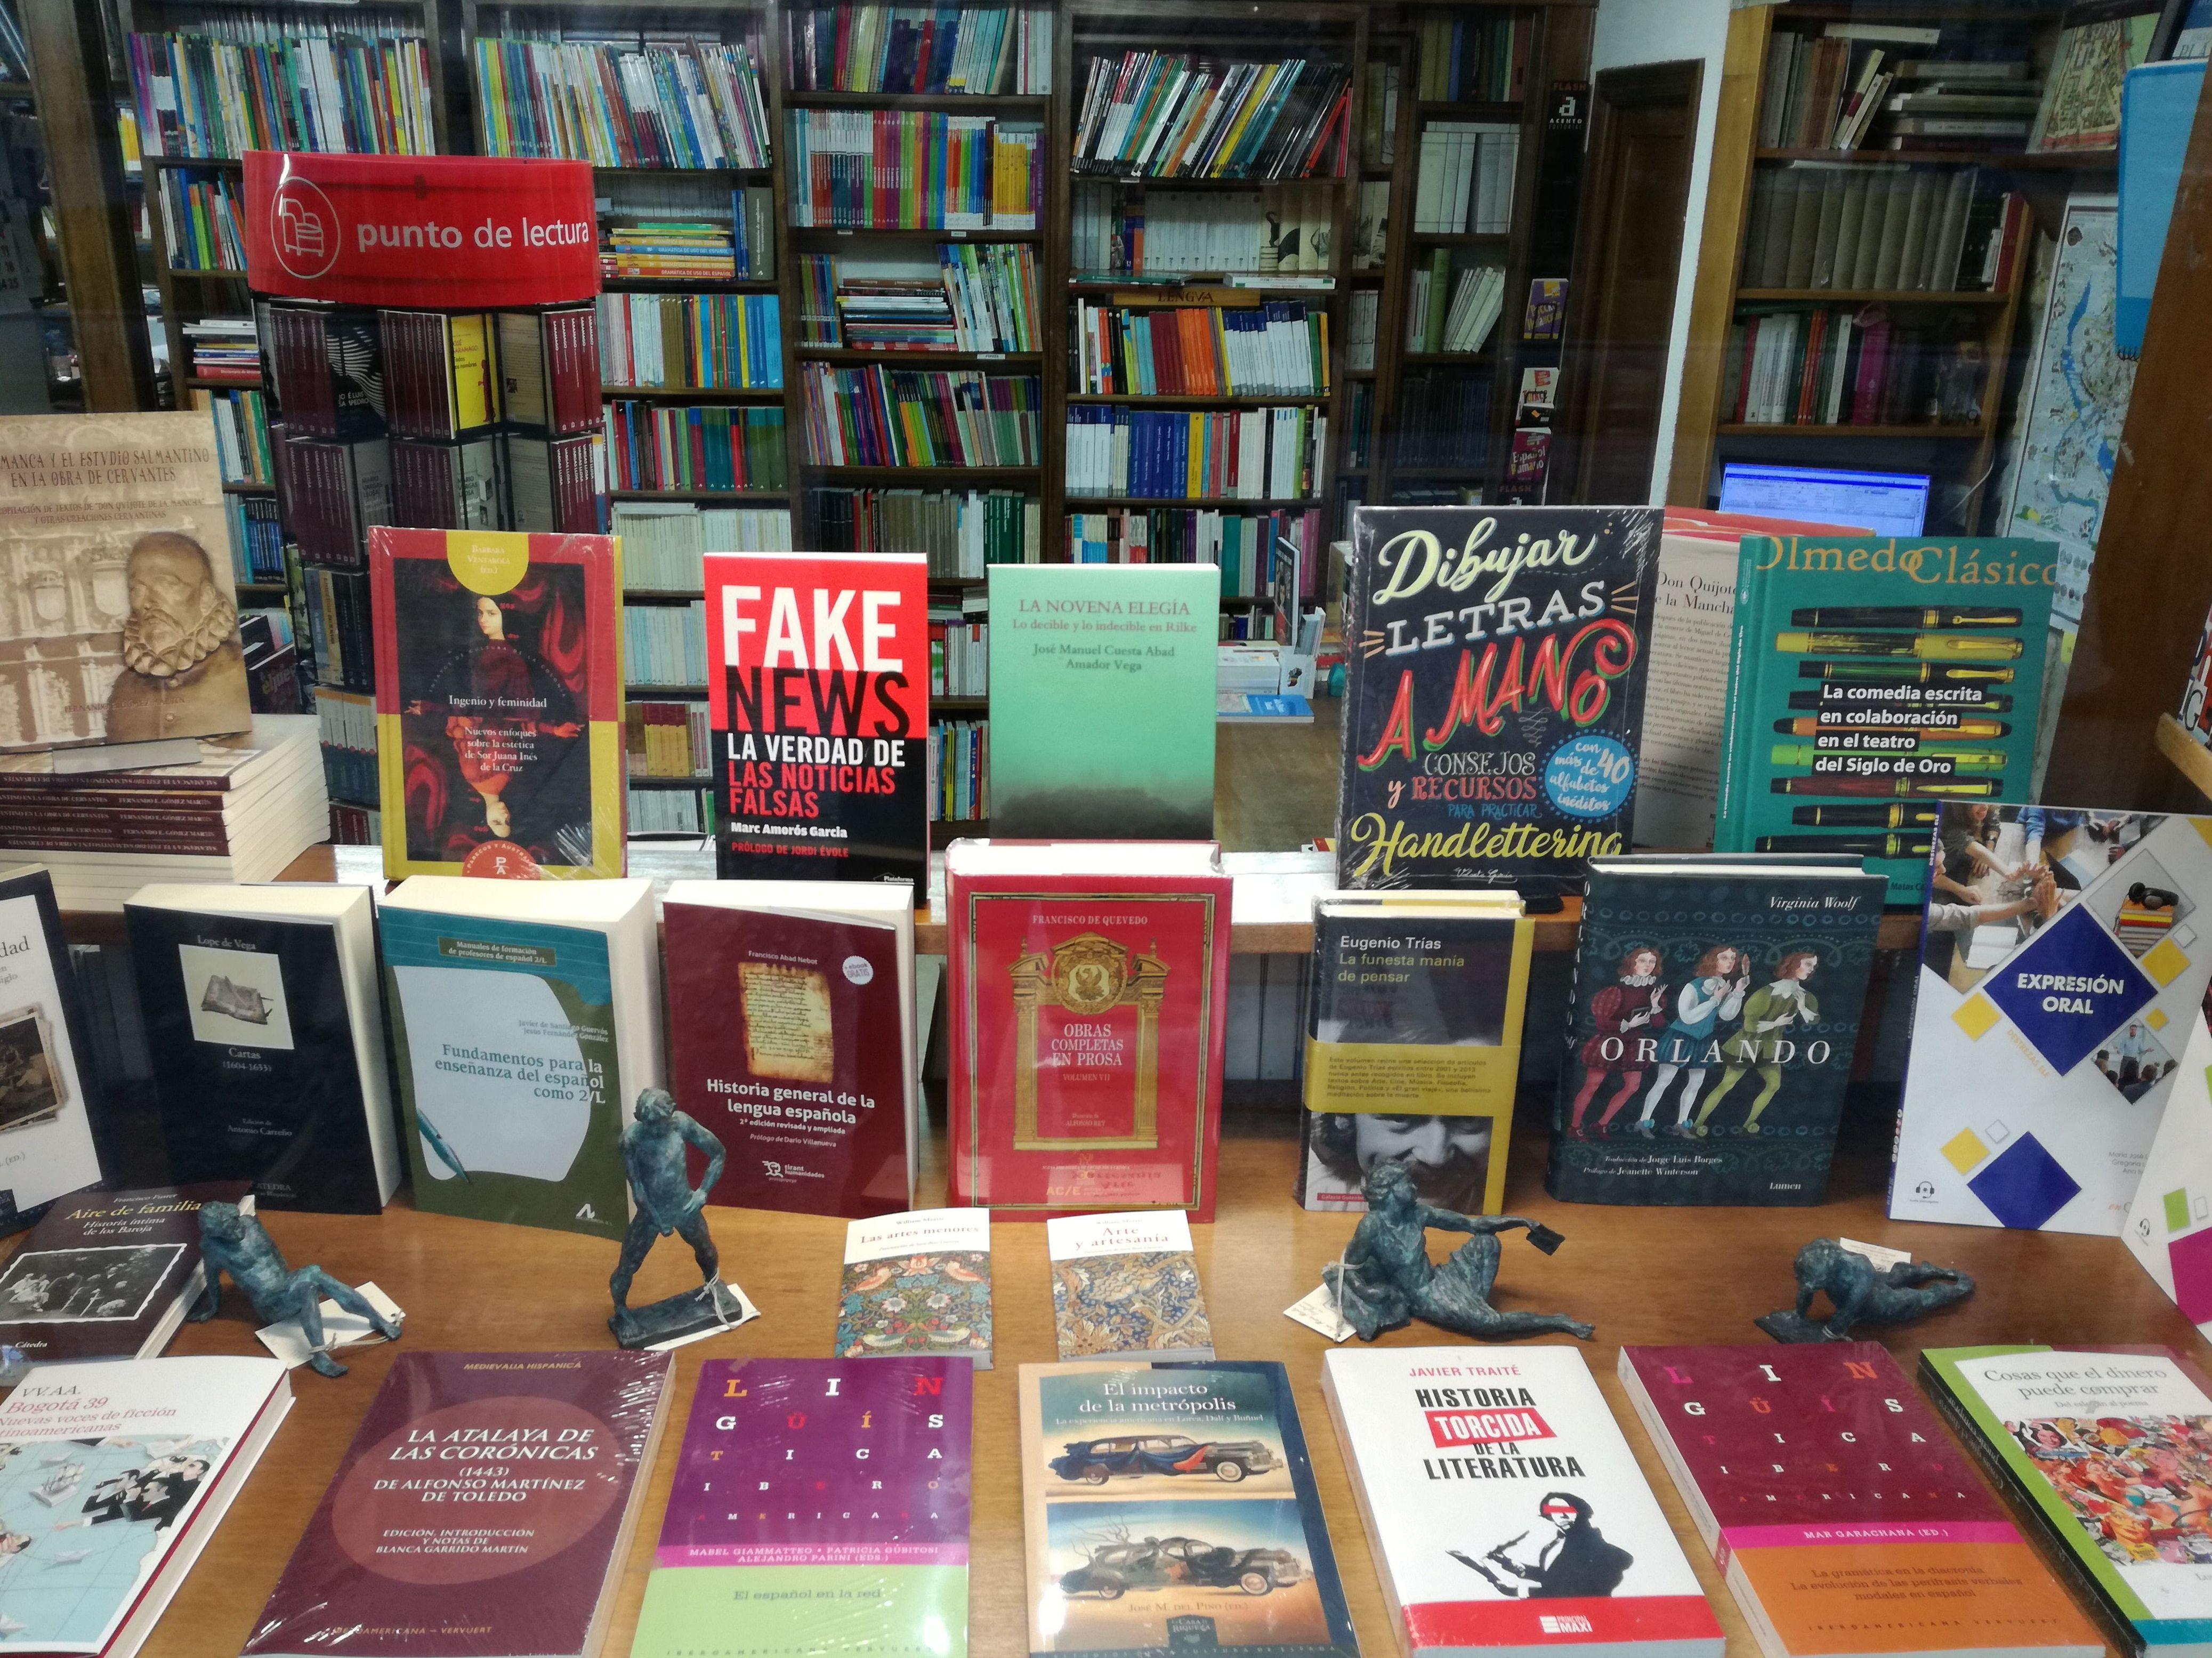 Foto 11 de Librerías en Salamanca | Librería Nueva Plaza Universitaria